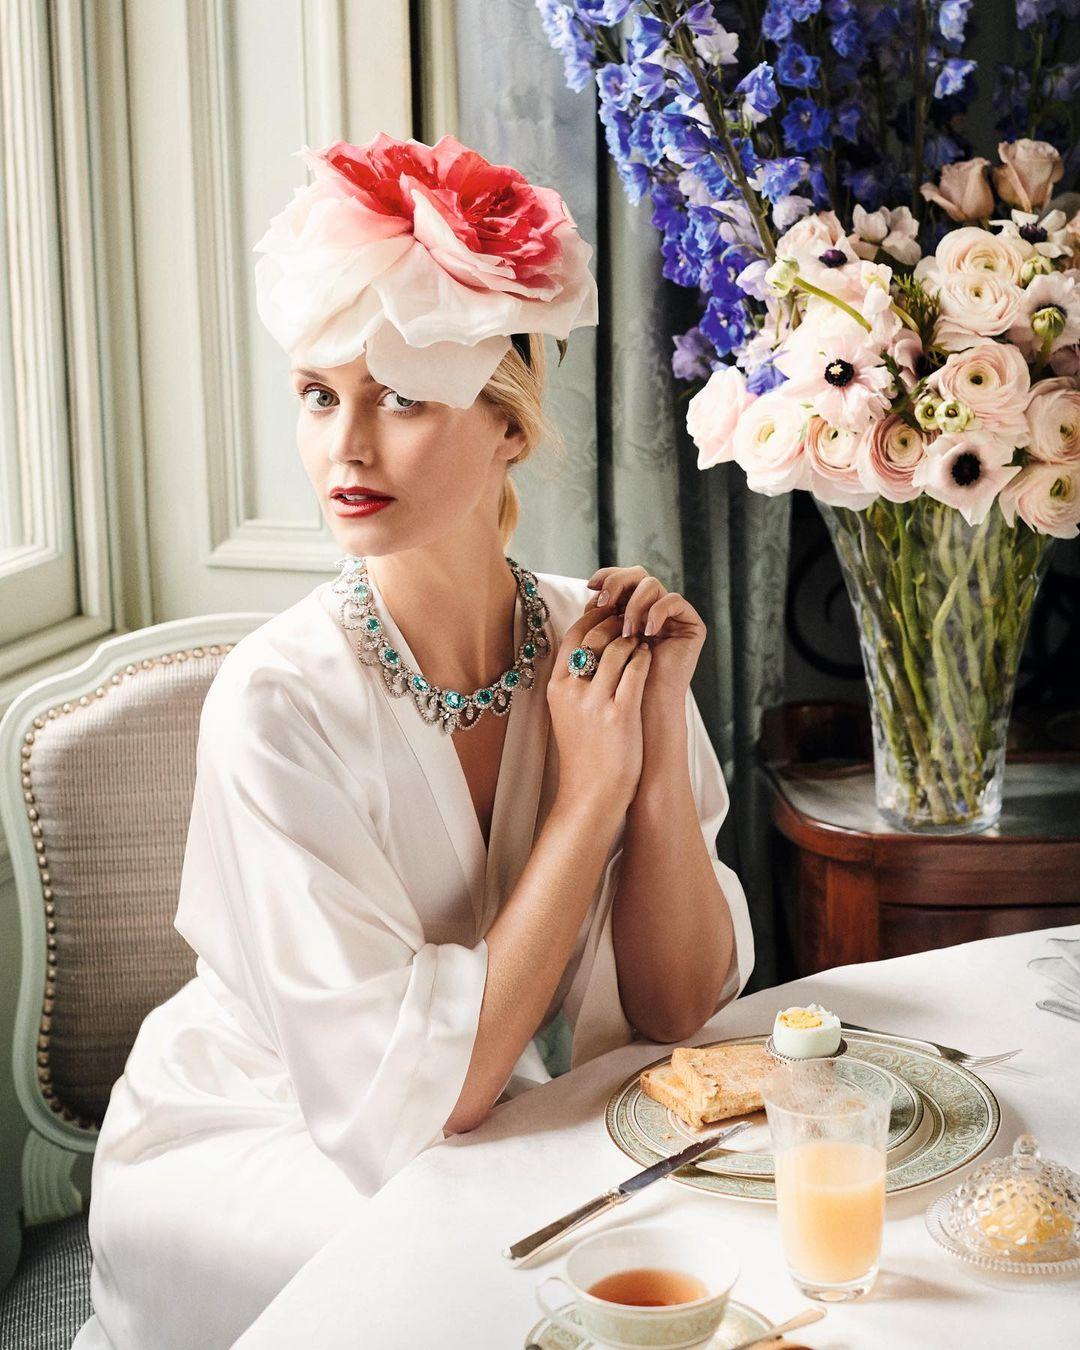 Por que Lady Kitty, sobrinha da princesa Diana, é considerada ícone fashion? Veja melhores looks